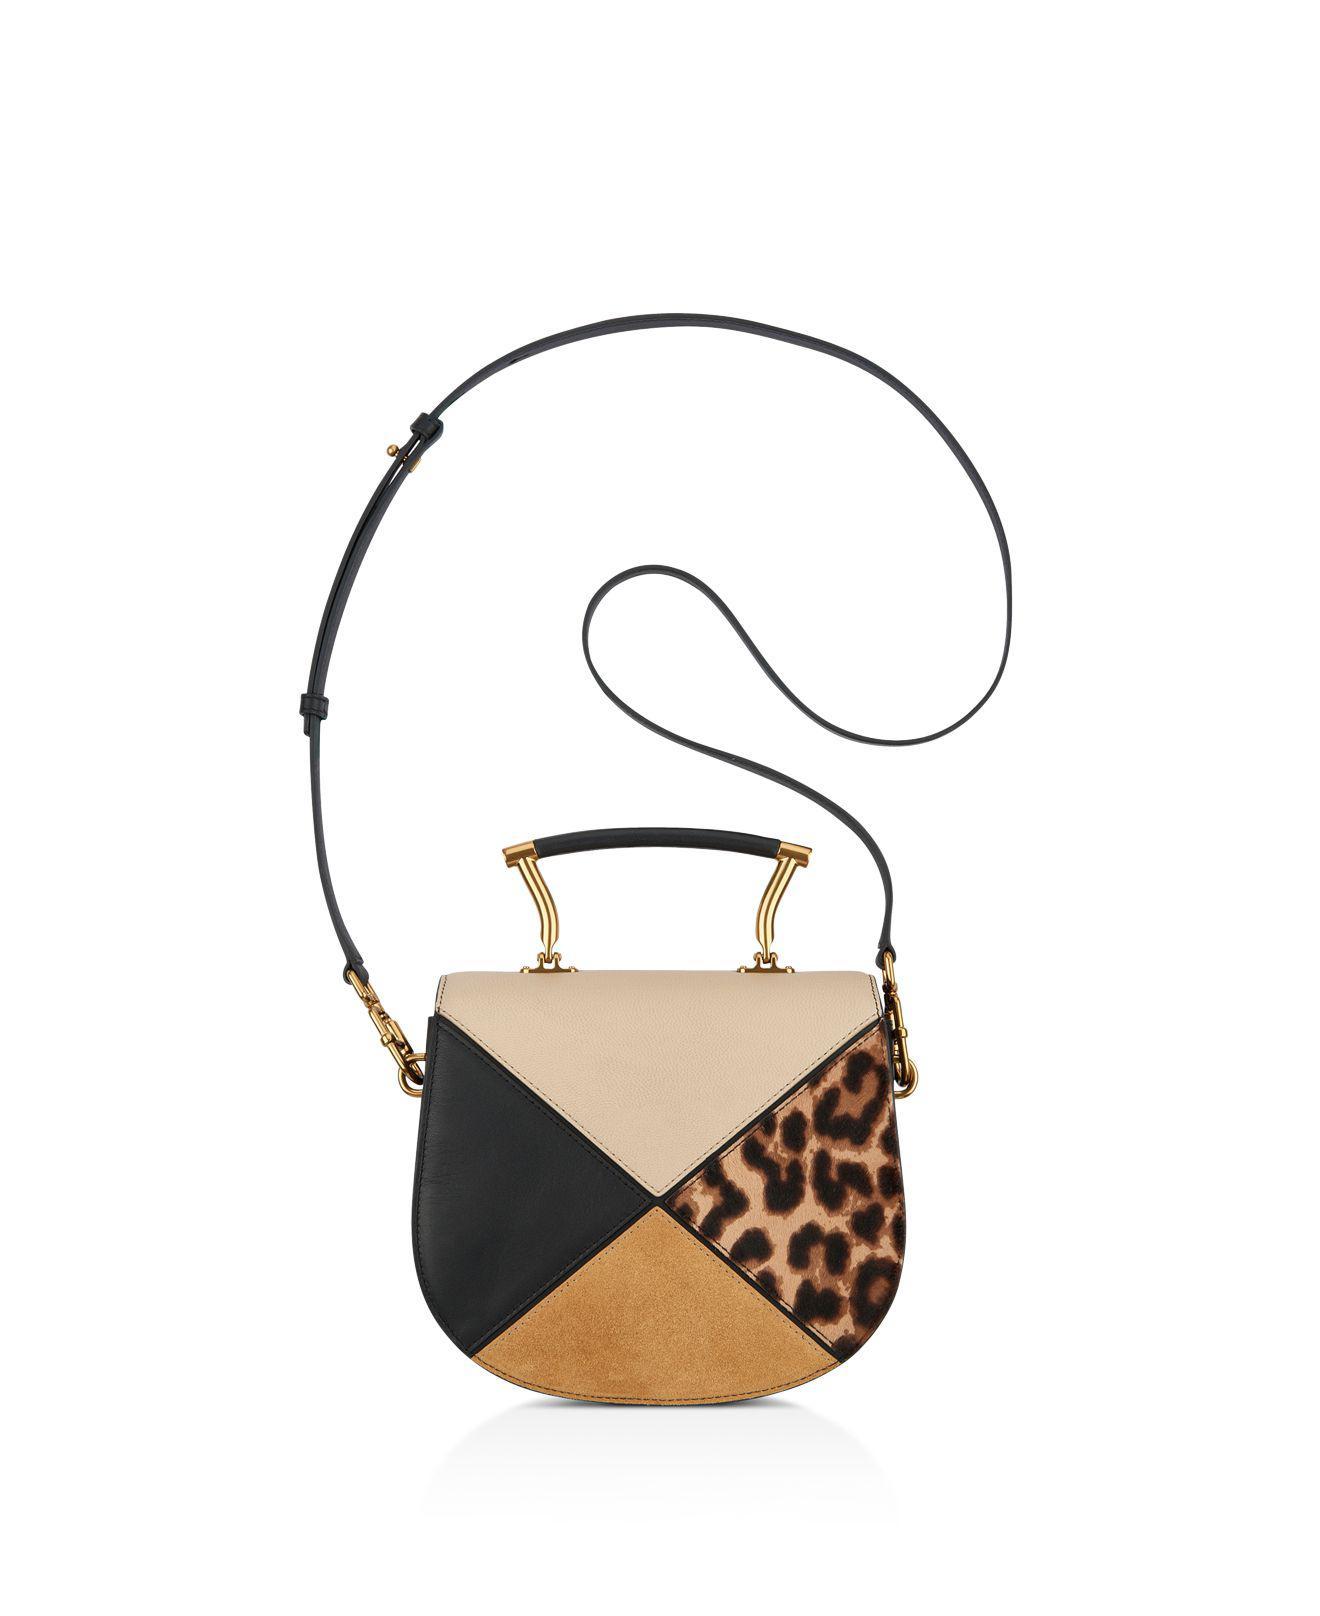 dcdb730e3f59 Anne Klein Top Handle Calf Hair & Leather Saddle Bag - Lyst